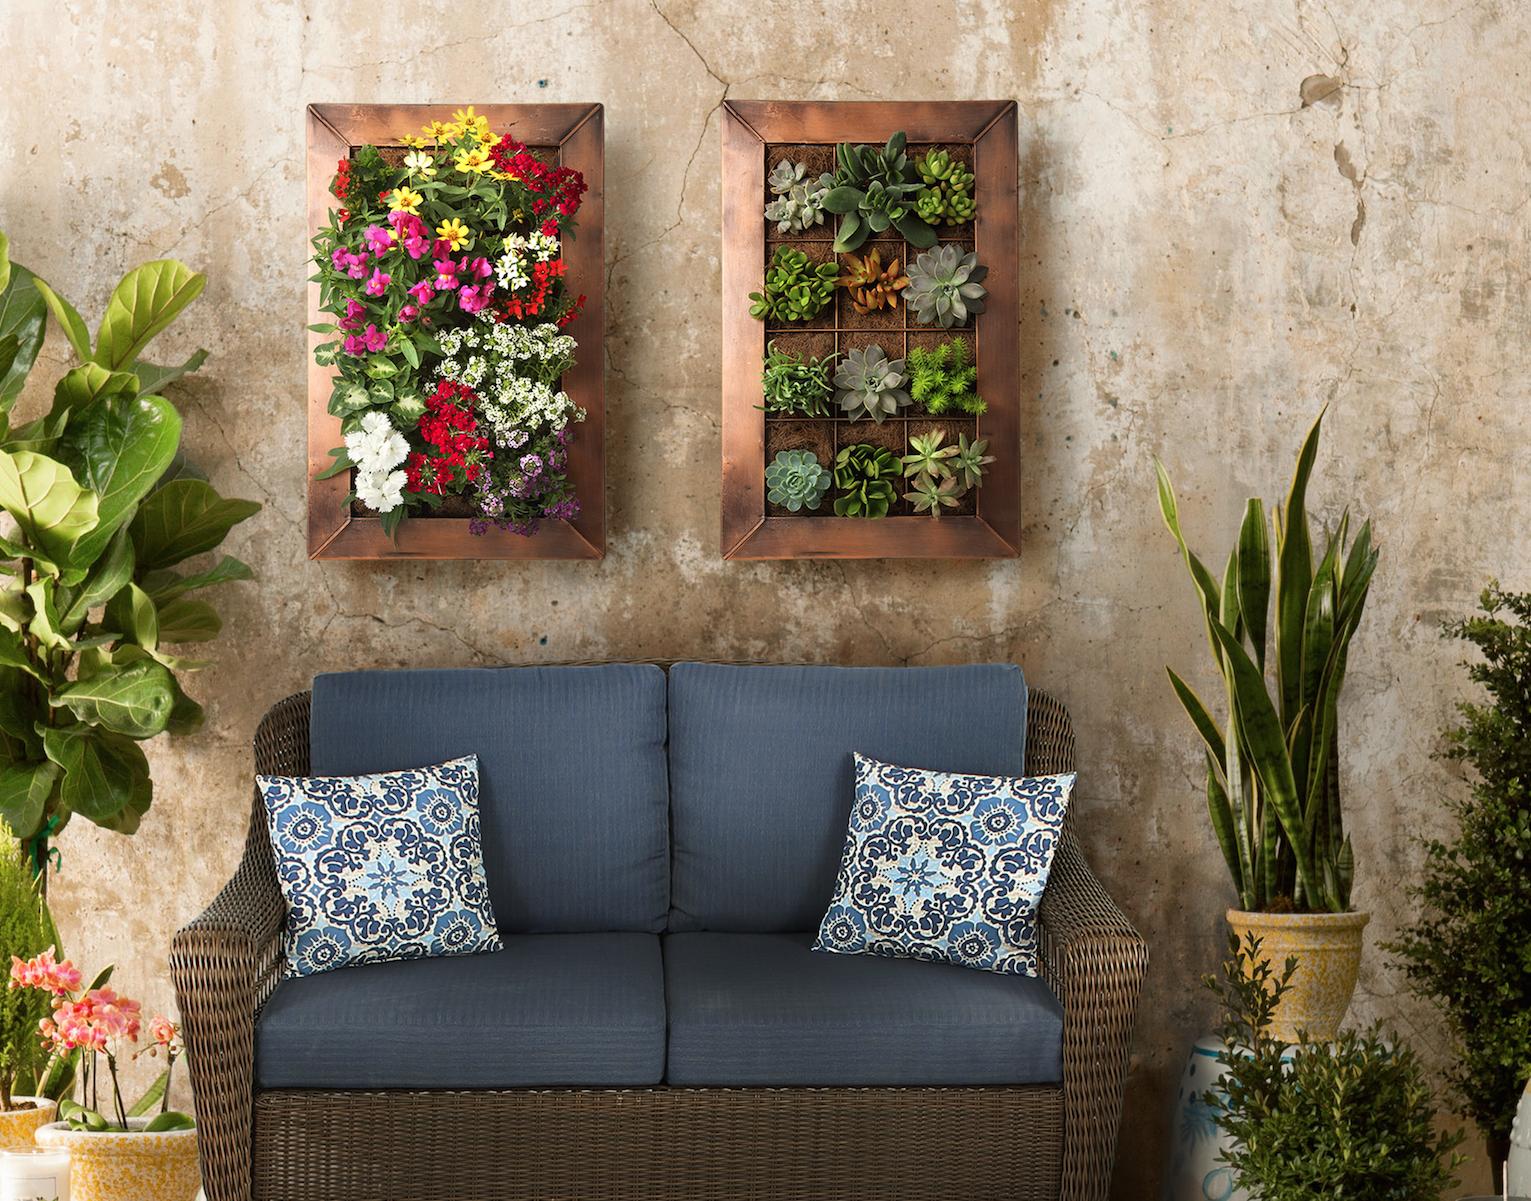 Convierte tu patio en un espacio m s lindo con macetas - Macetas para patios ...